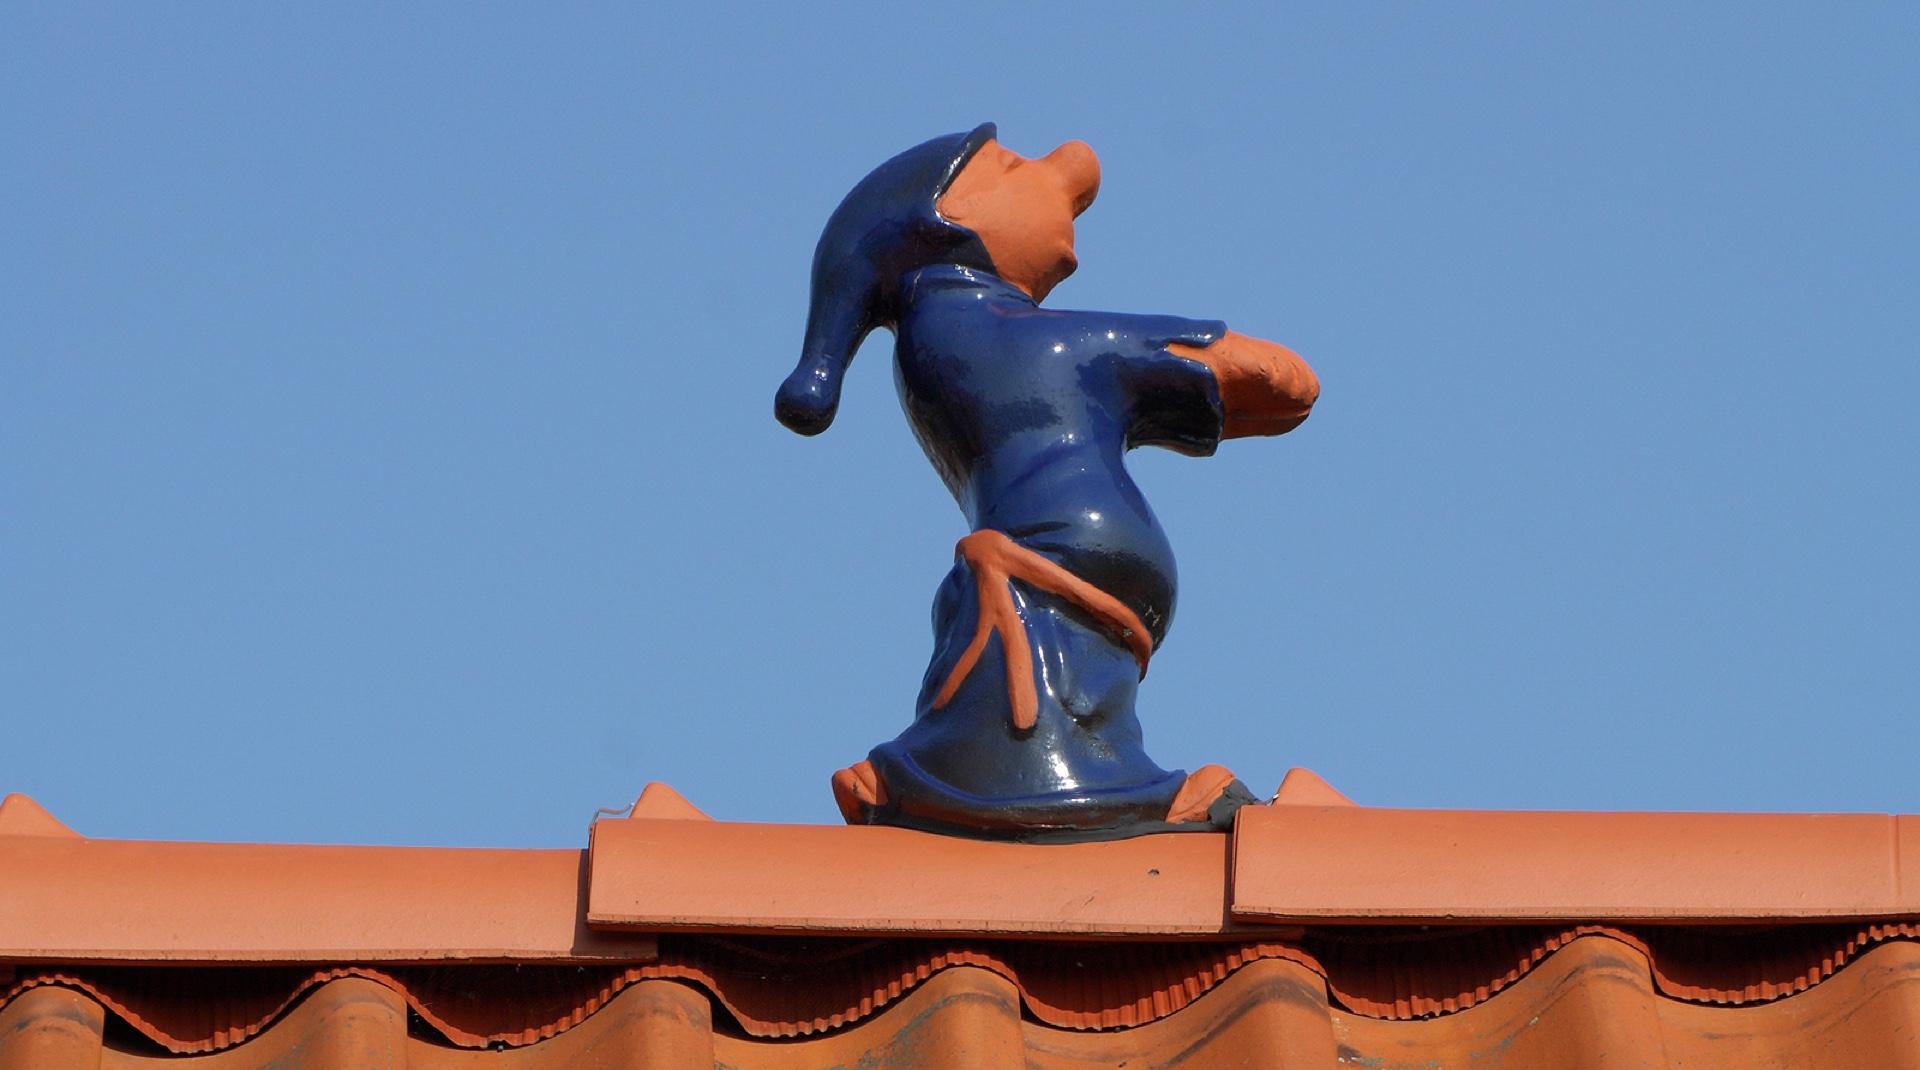 Dachschmuck: eine Schlafwandlerfigur auf einem Dachfirst